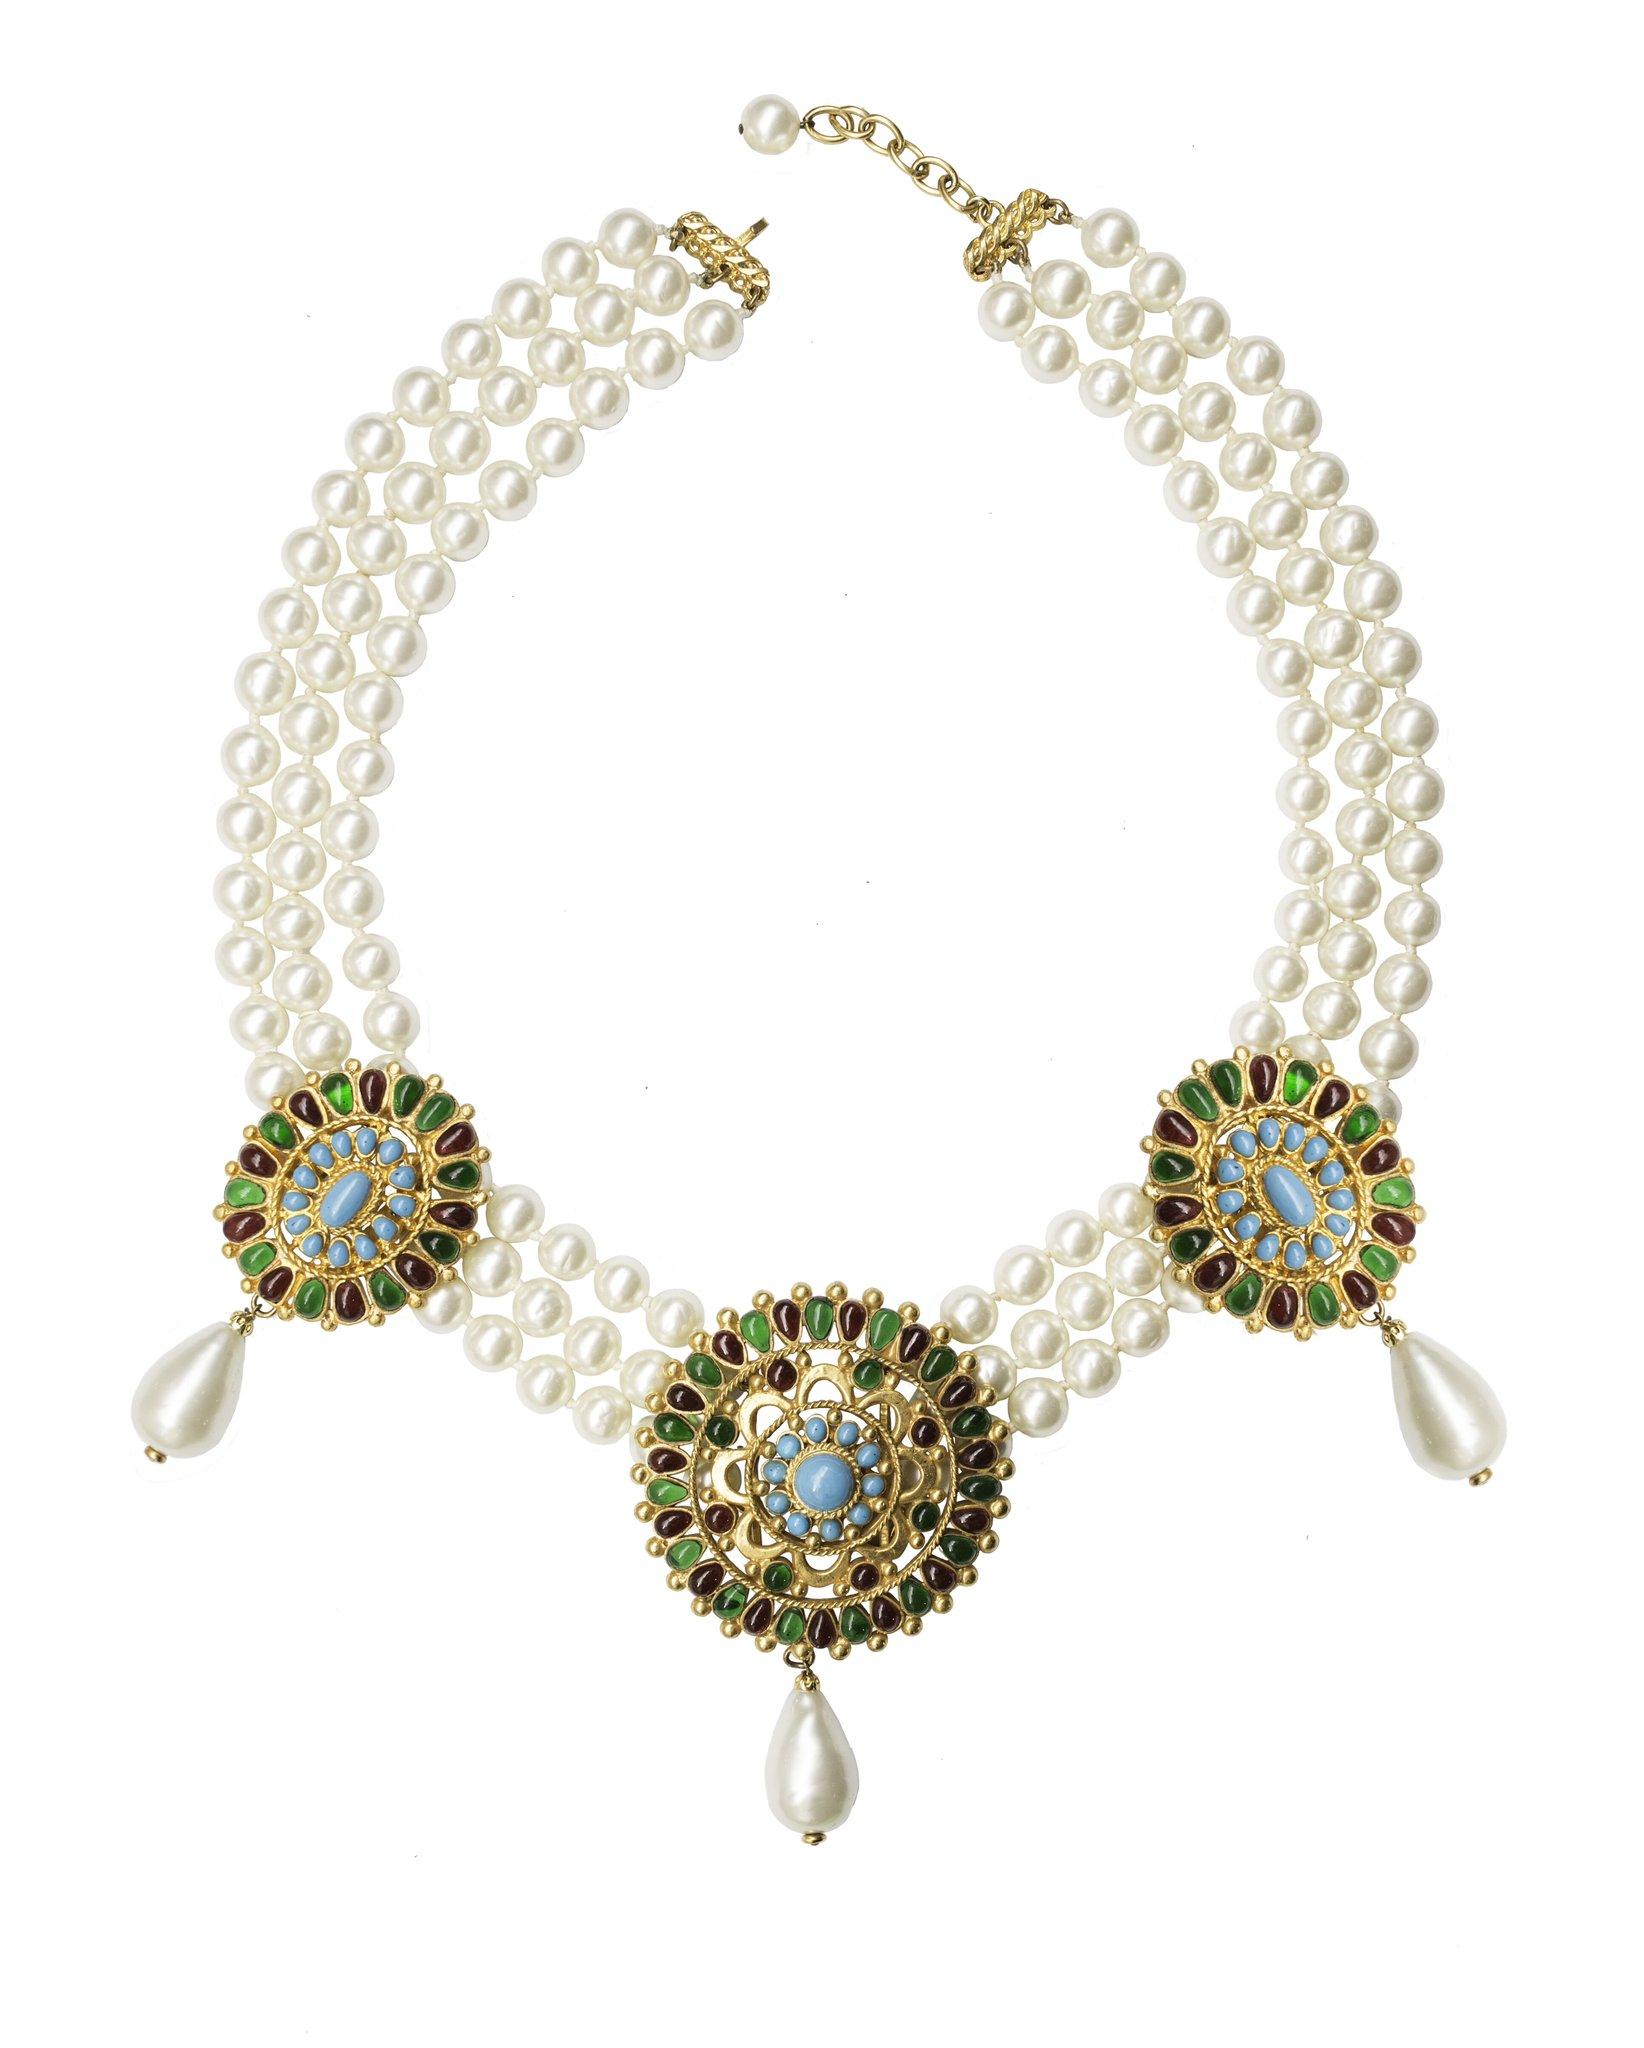 Великолепное винтажное колье Chanel в византийском стиле с жемчугом и стеклом Gripoix